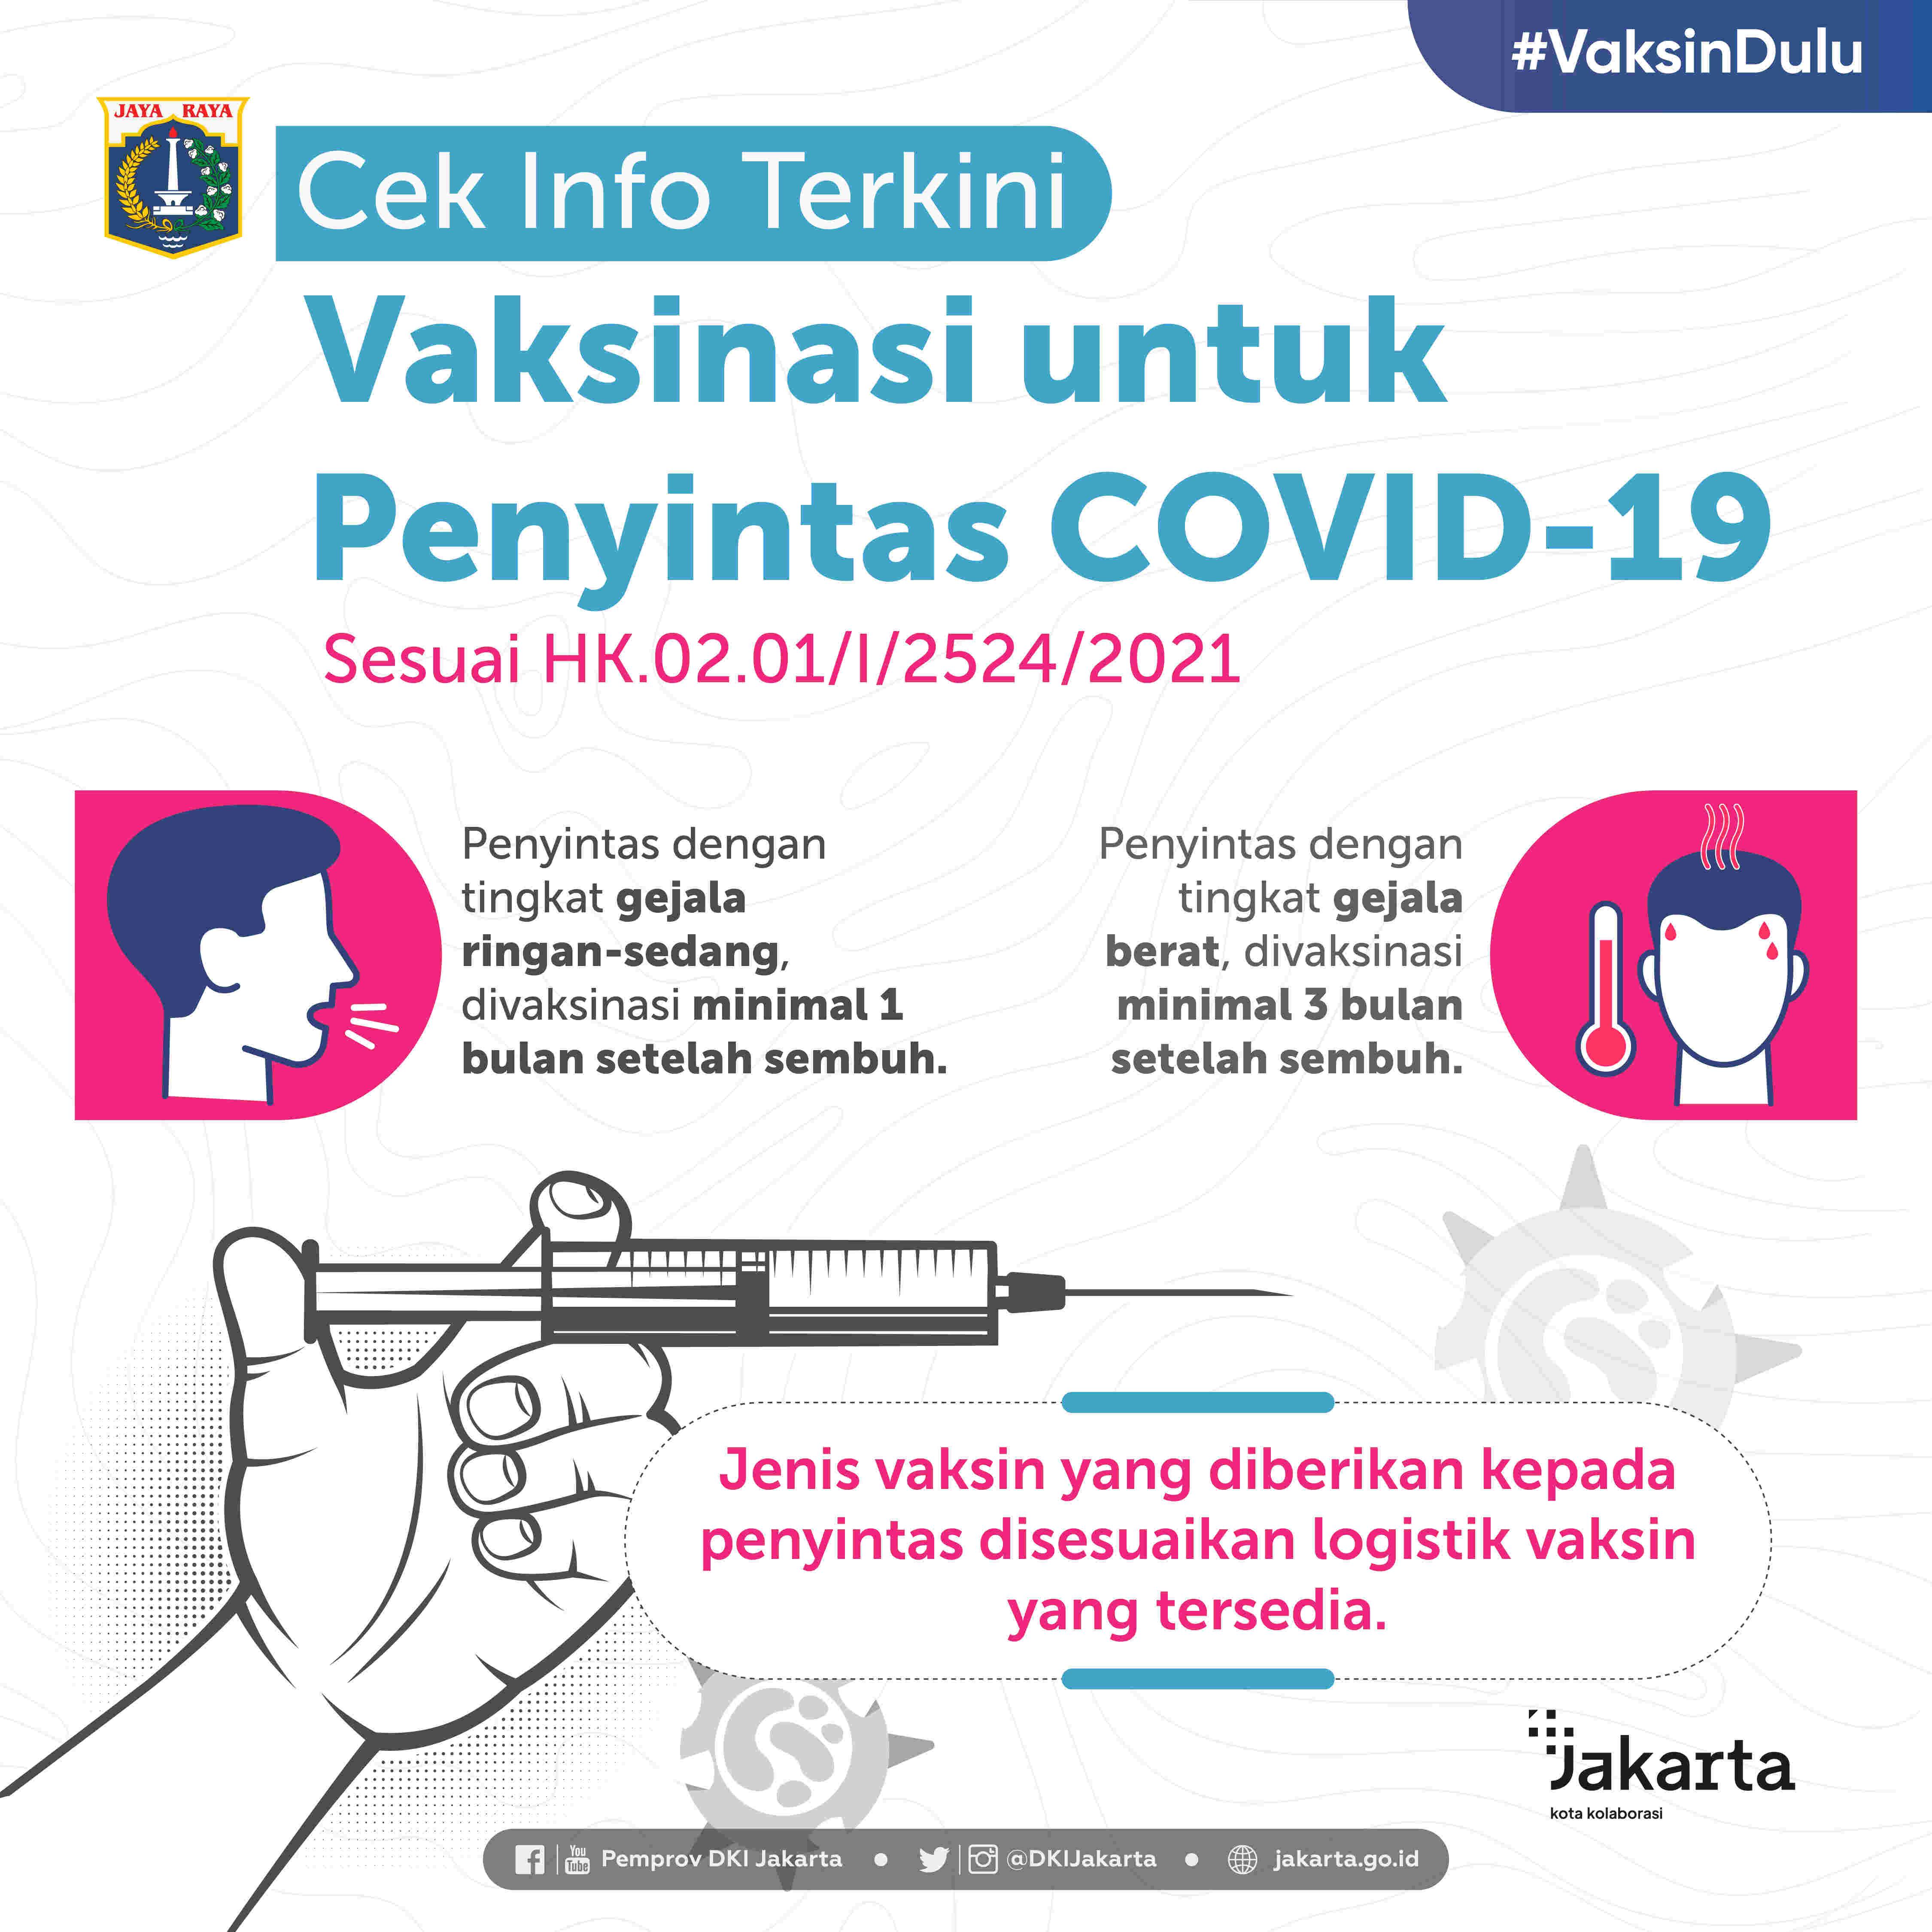 Cek Info Terkini Vaksinasi untuk Penyintas Covid-19